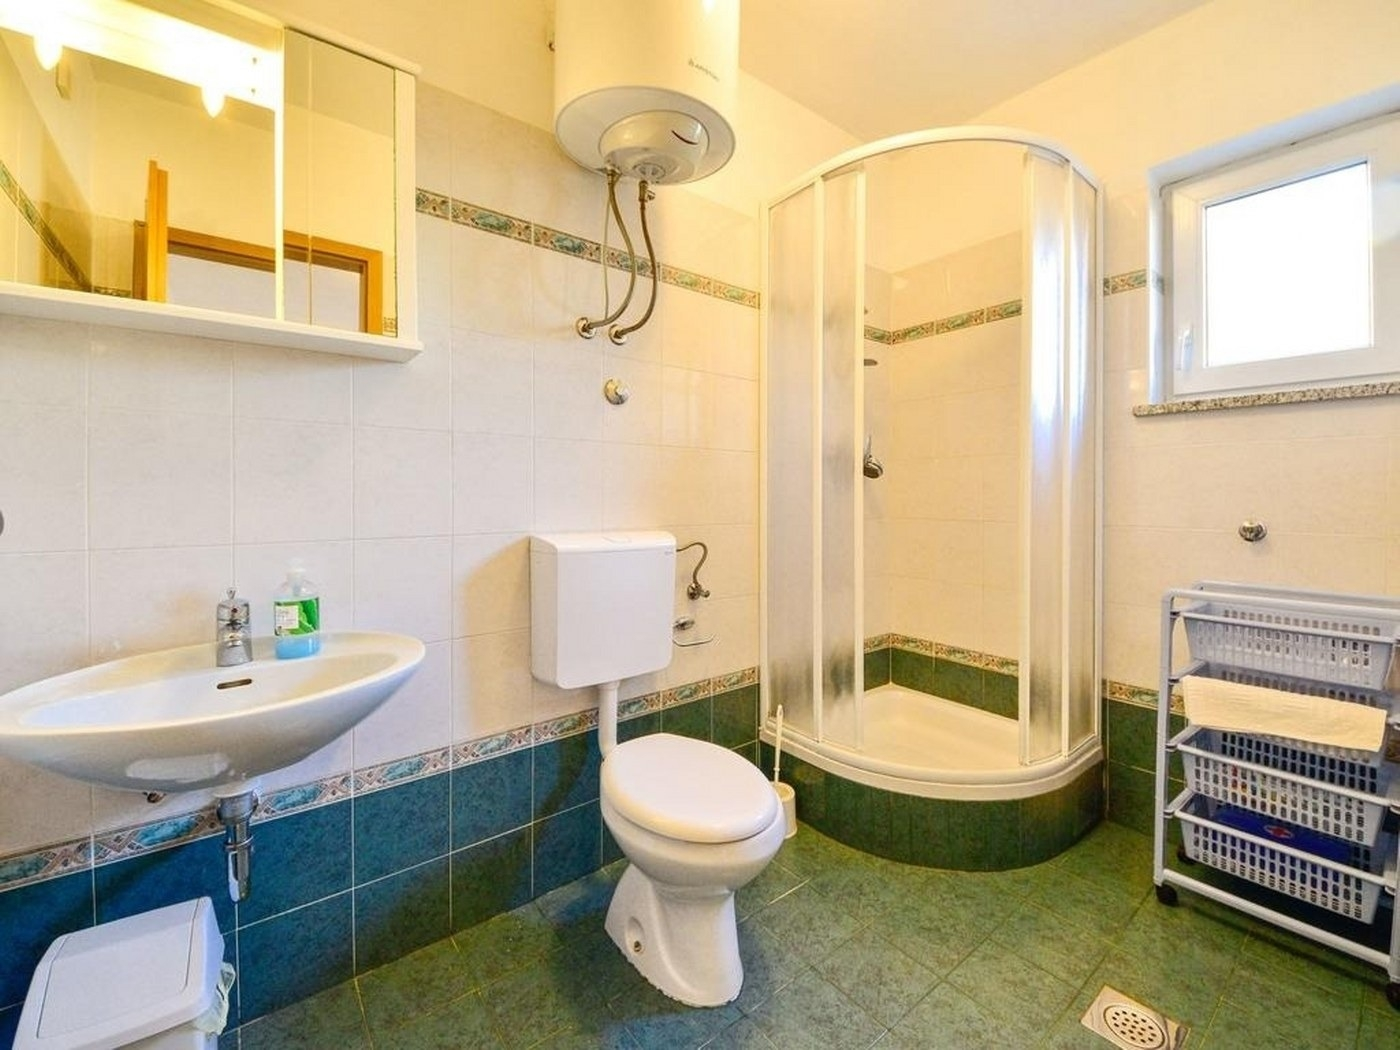 Appartement de vacances Marija A1(2+1) Prizemlje - Cres (739199), Cres (Stadt), Île de Cres, Kvarner, Croatie, image 9